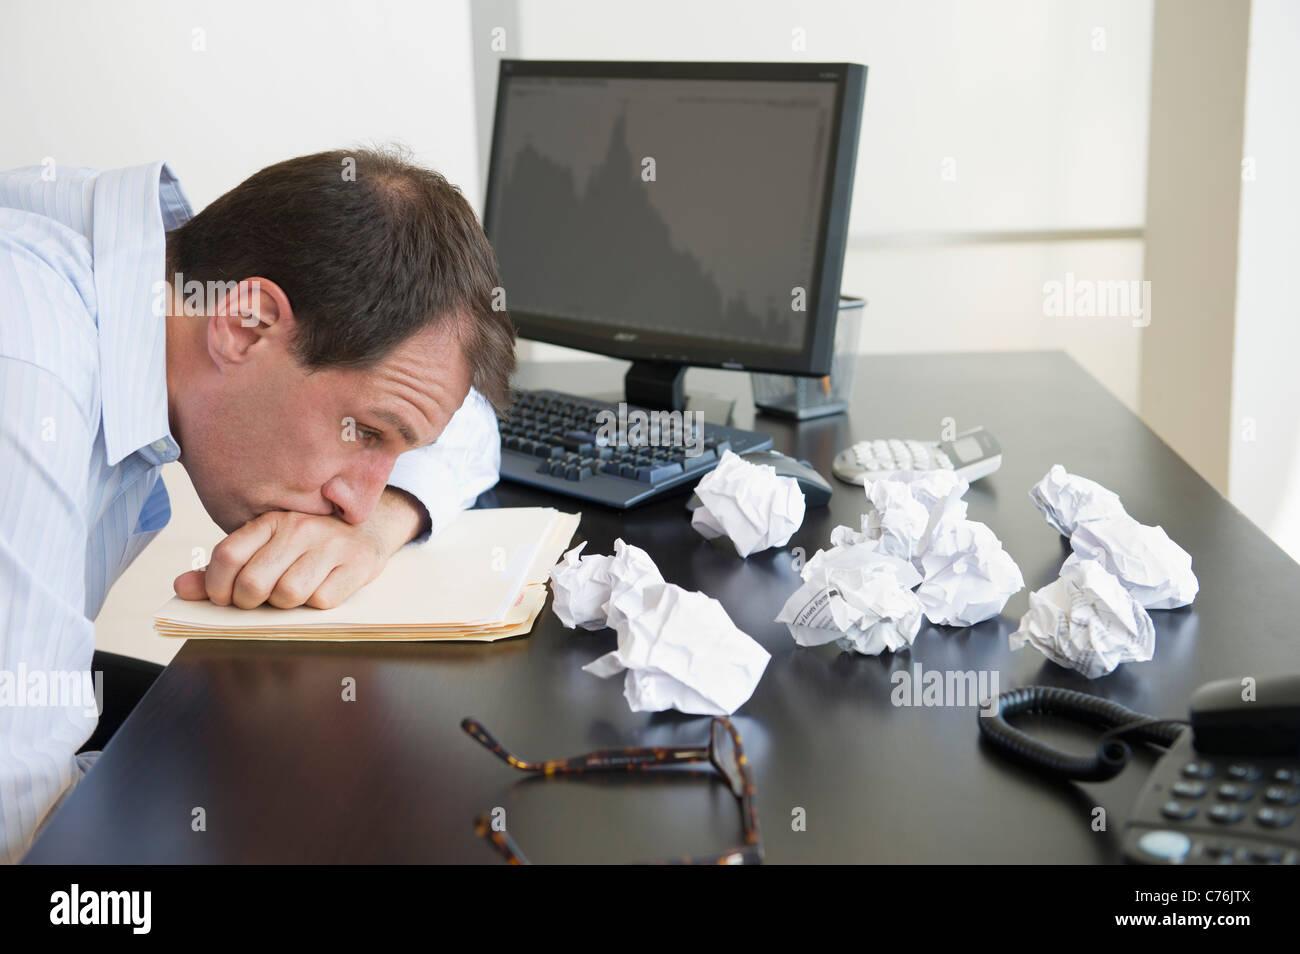 Stati Uniti d'America, New Jersey, Jersey City, imprenditore con a faccia in giù sulla scrivania Immagini Stock